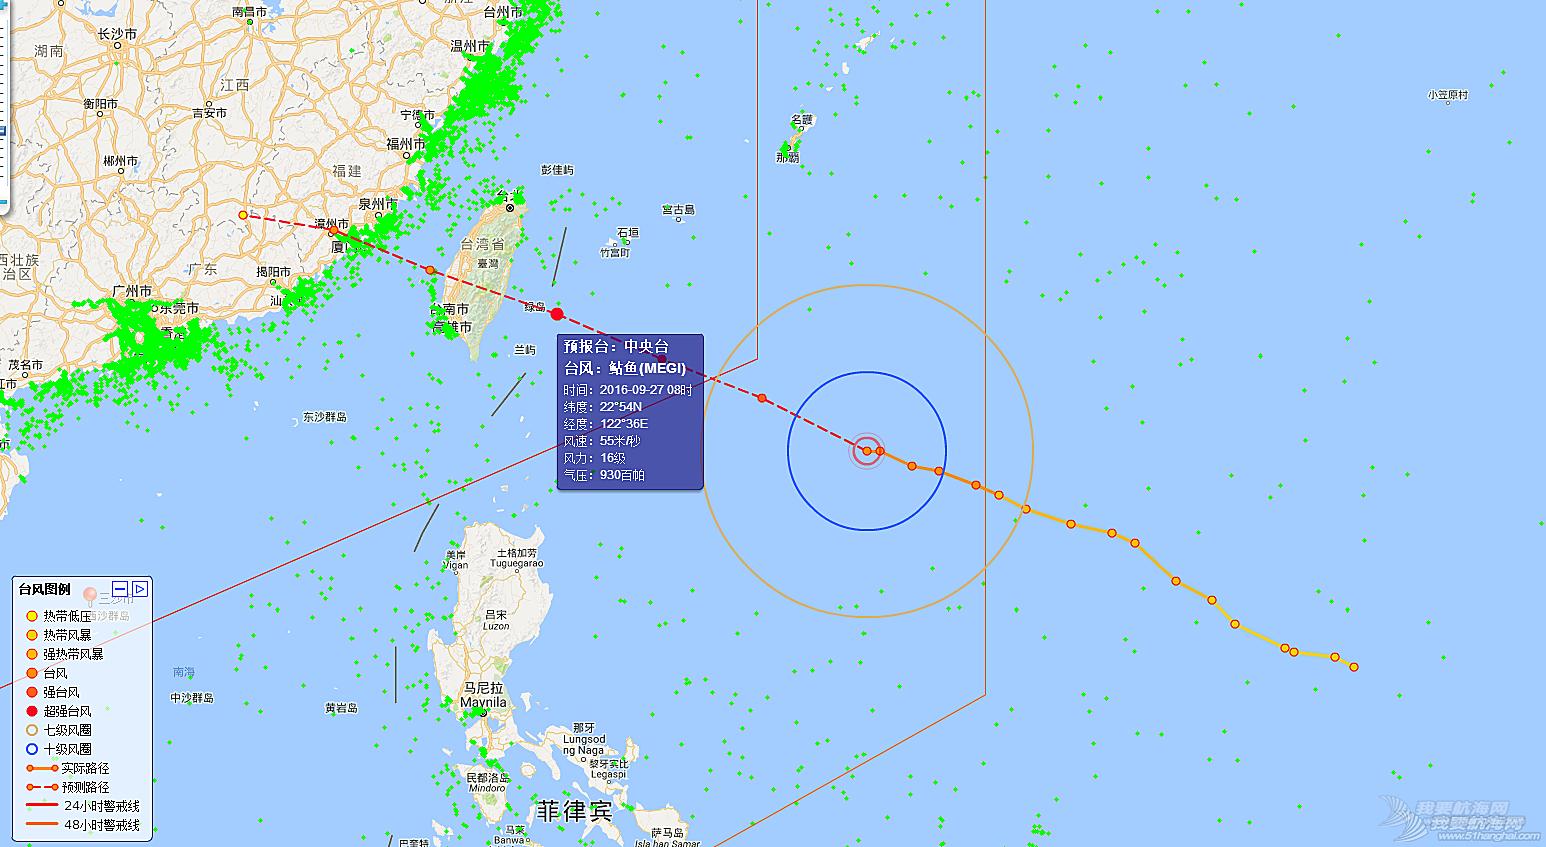 台湾,台风,气象,鲇鱼,MEGI 台风鲇鱼28日将越过台湾登陆大陆